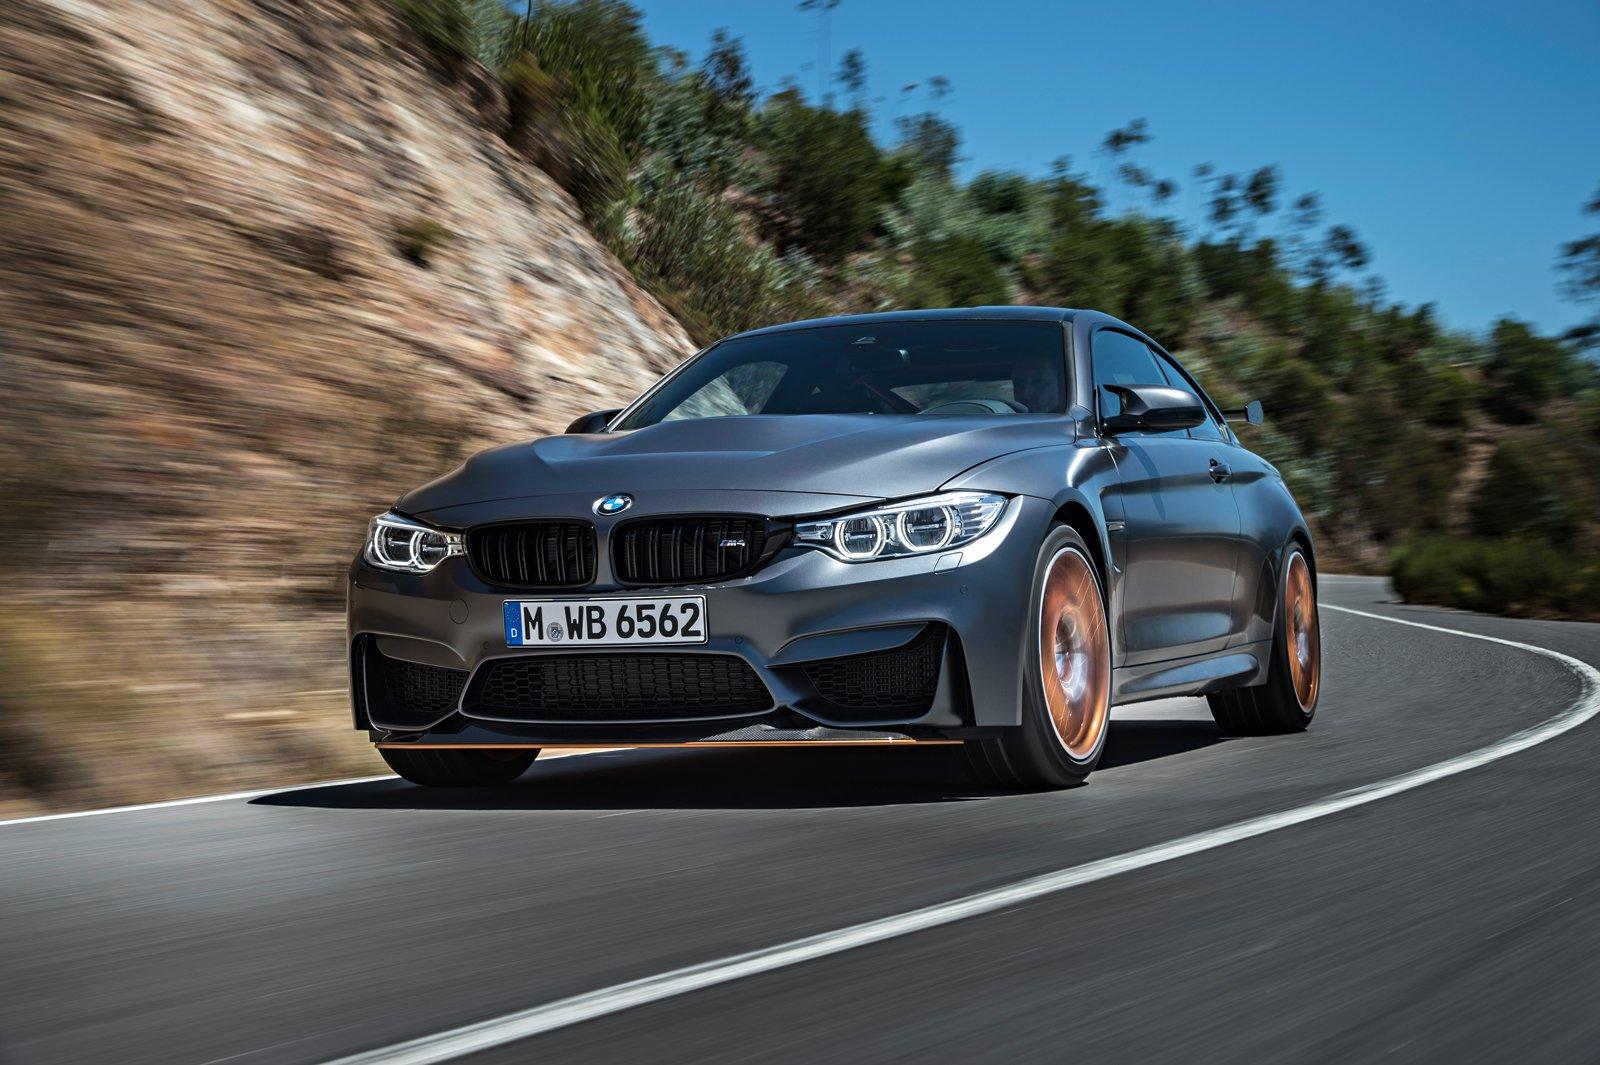 BMW M4 GTS 2016 4